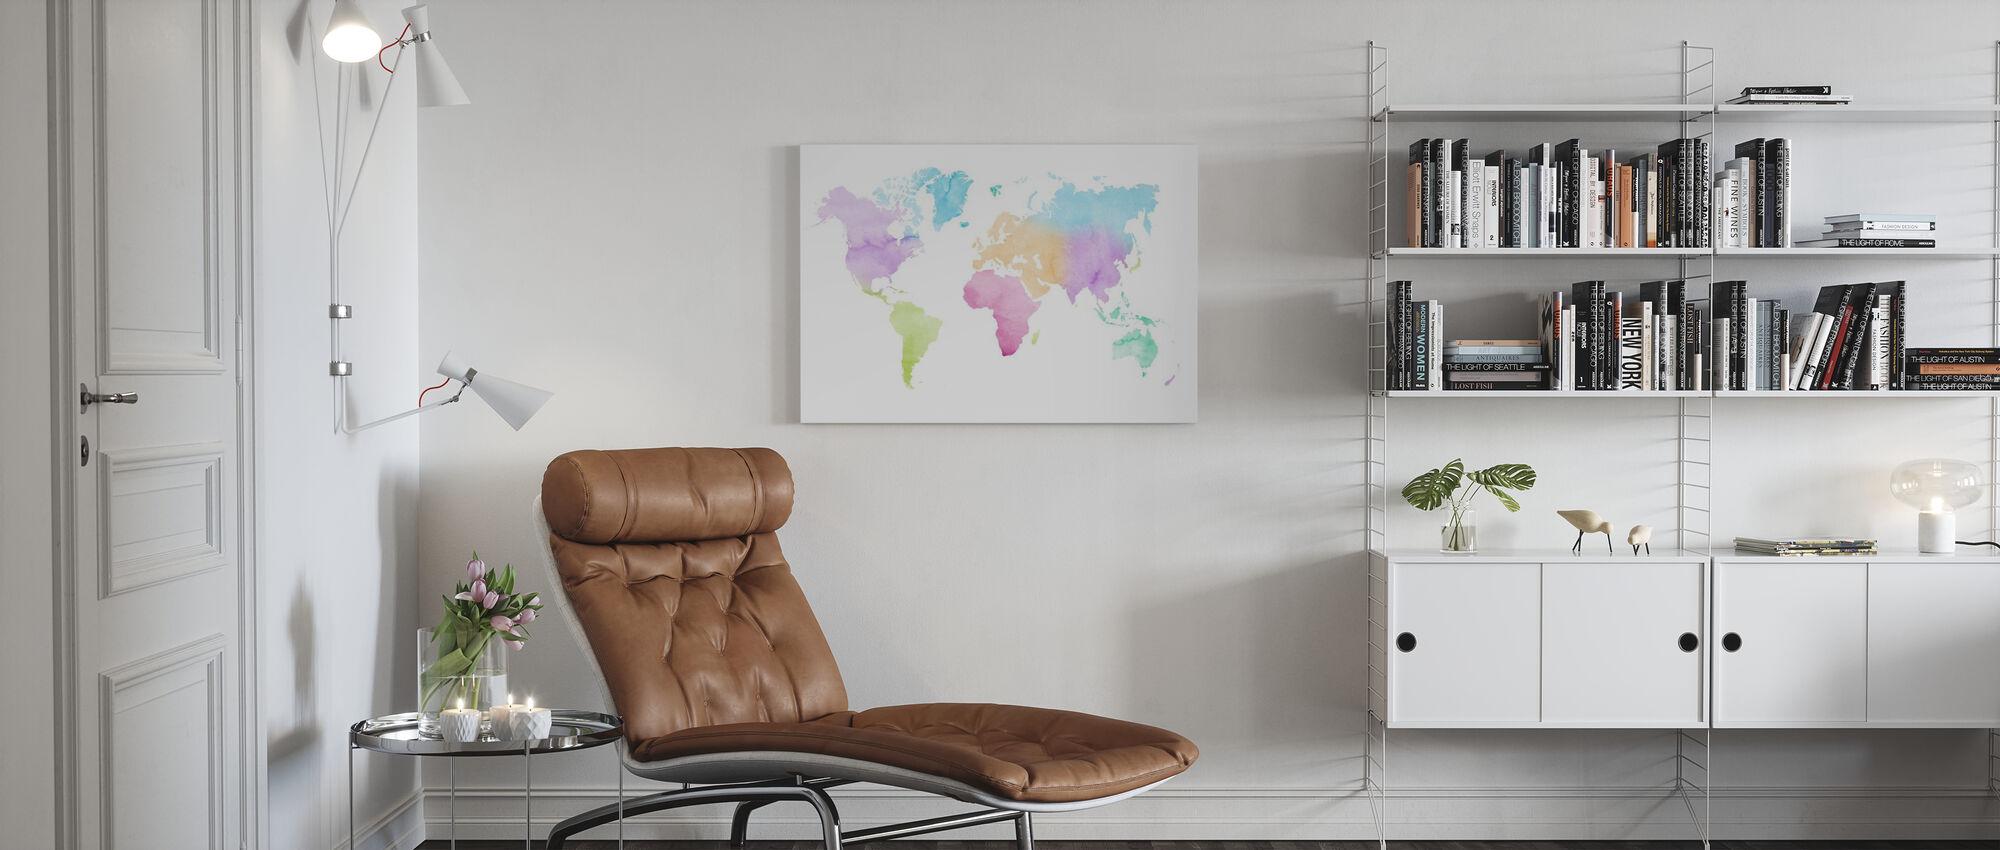 Akvarell verden flerfarget - Lerretsbilde - Stue